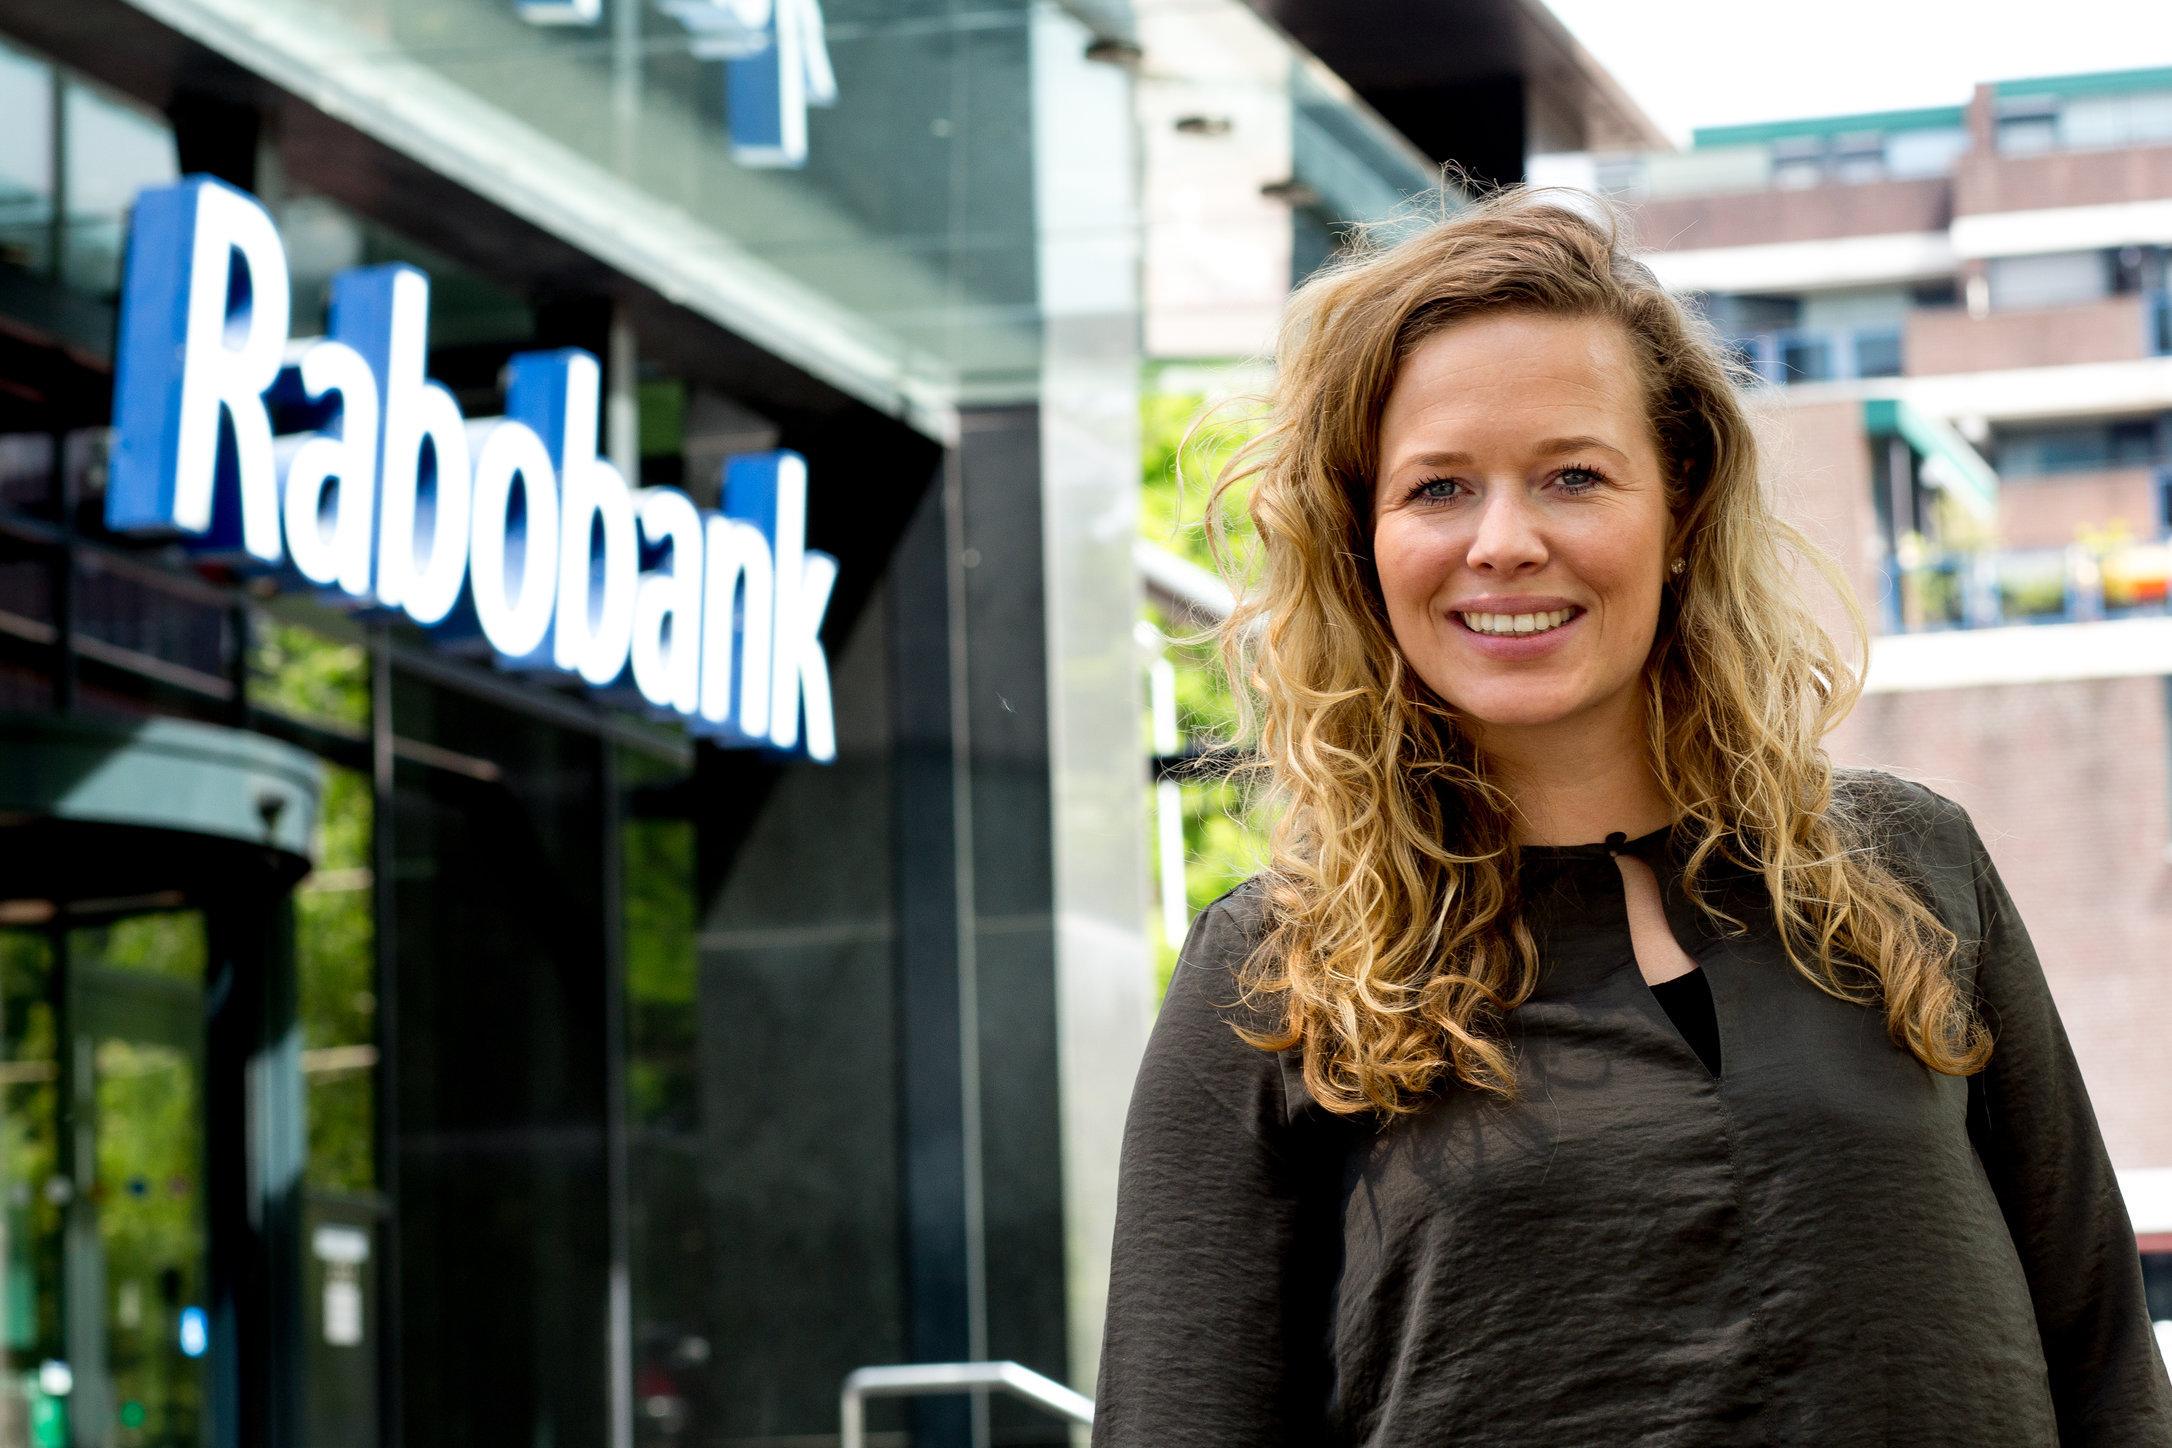 Daphne van de Gaag @ Rabobank